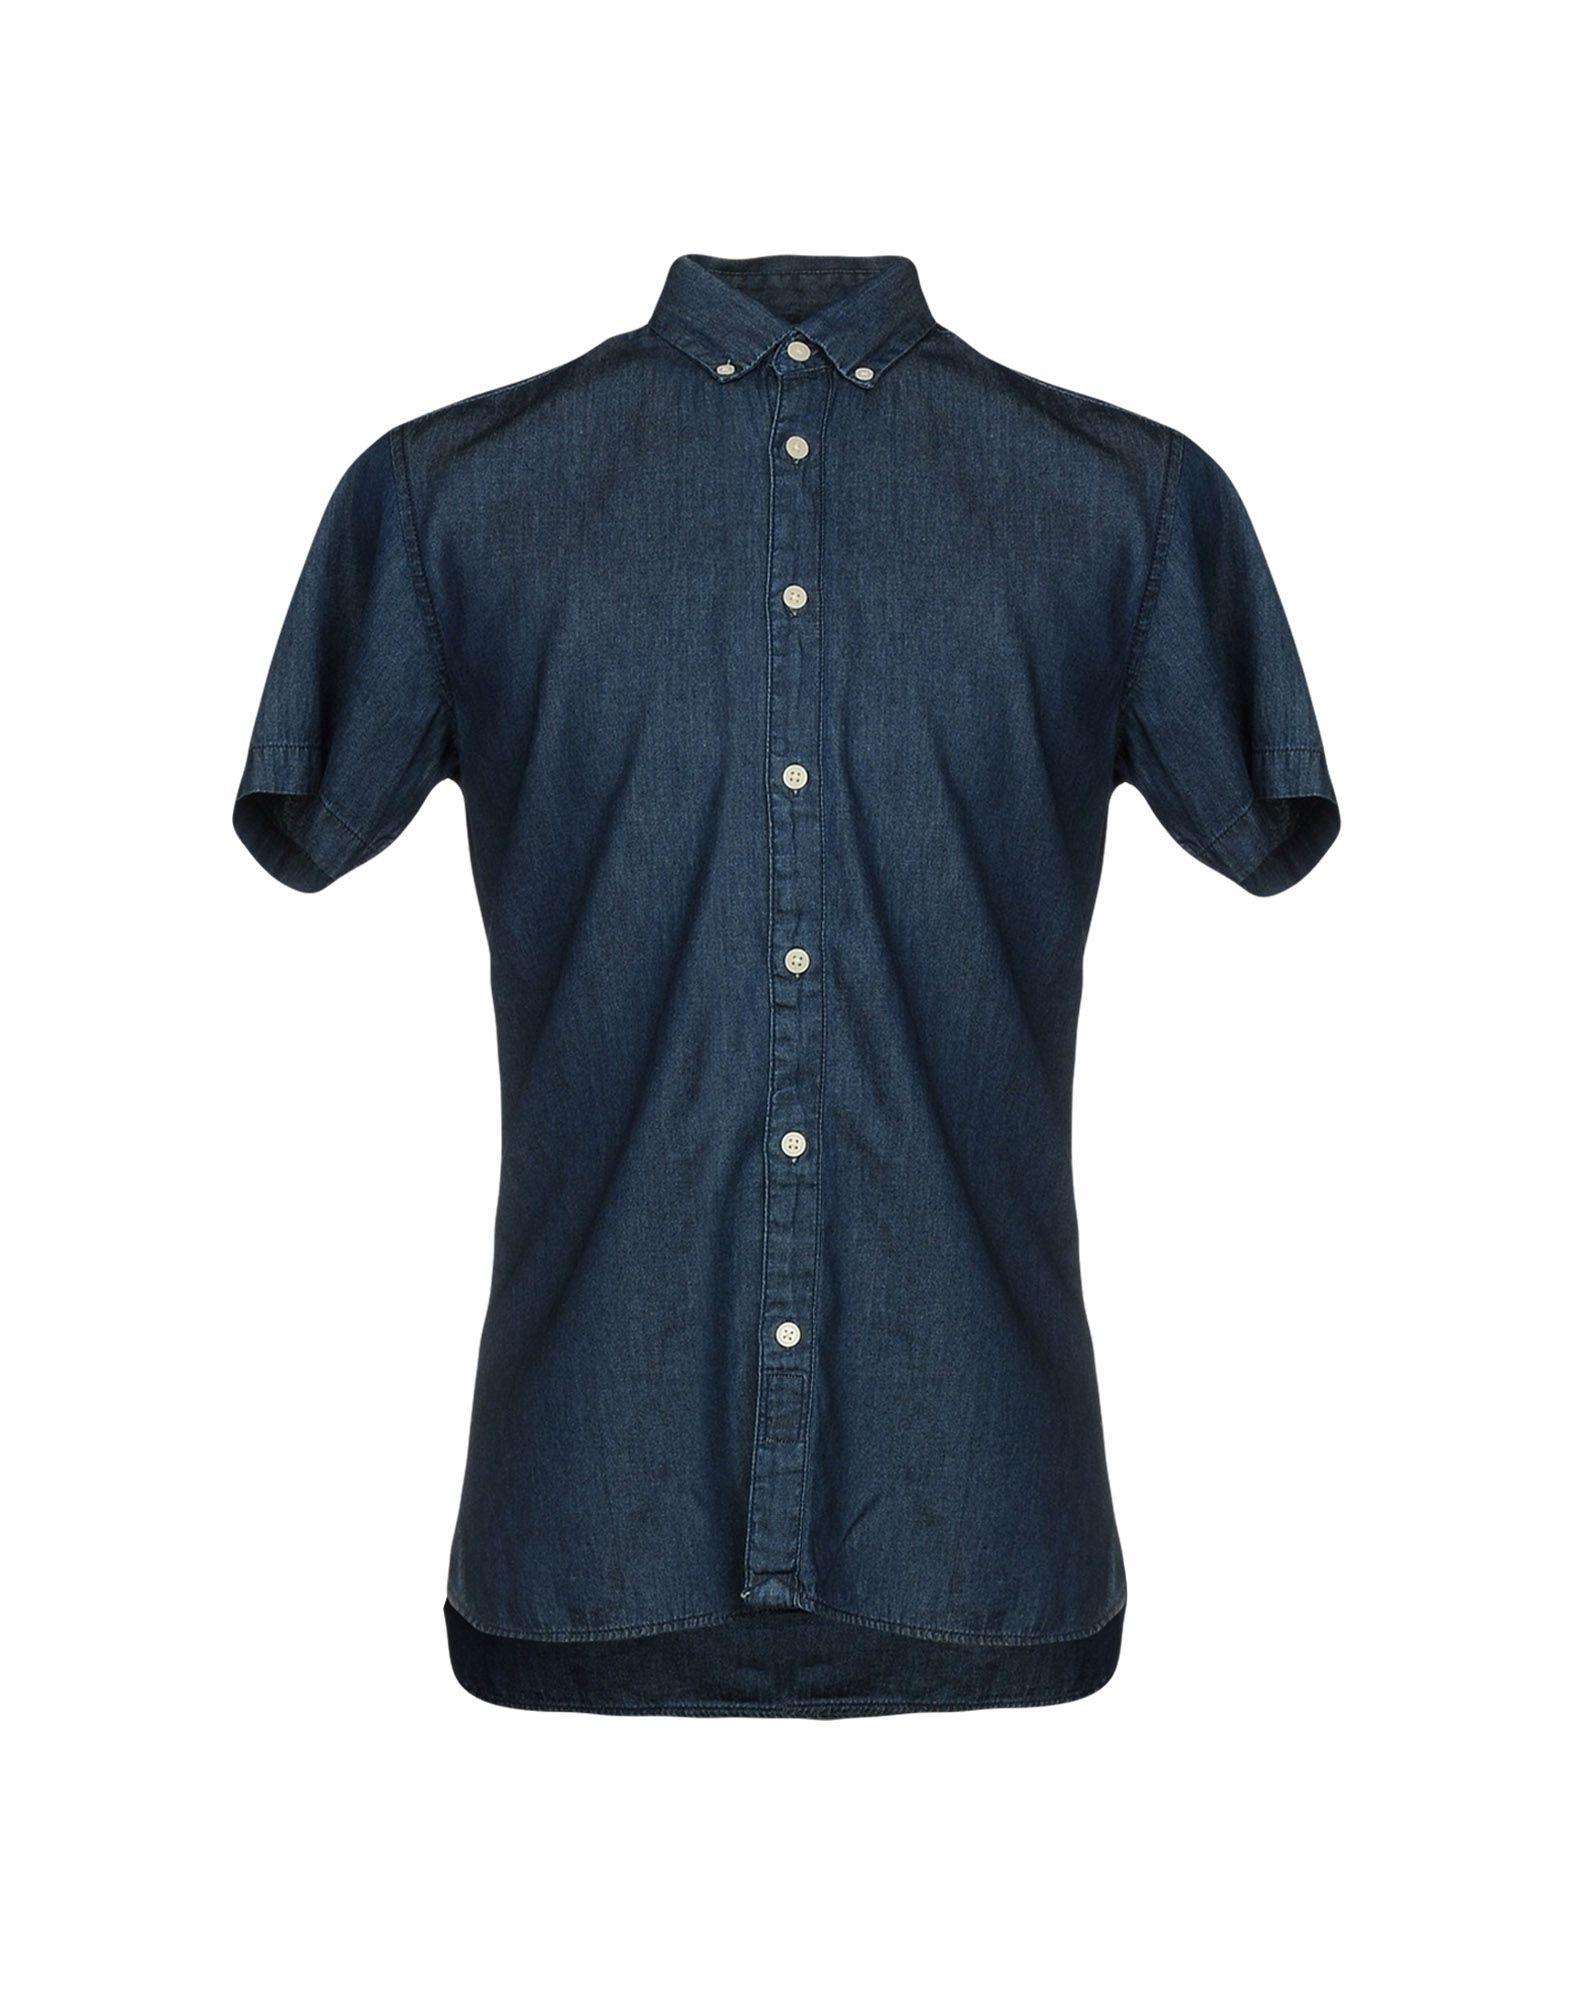 SELECTED HOMME Джинсовая рубашка